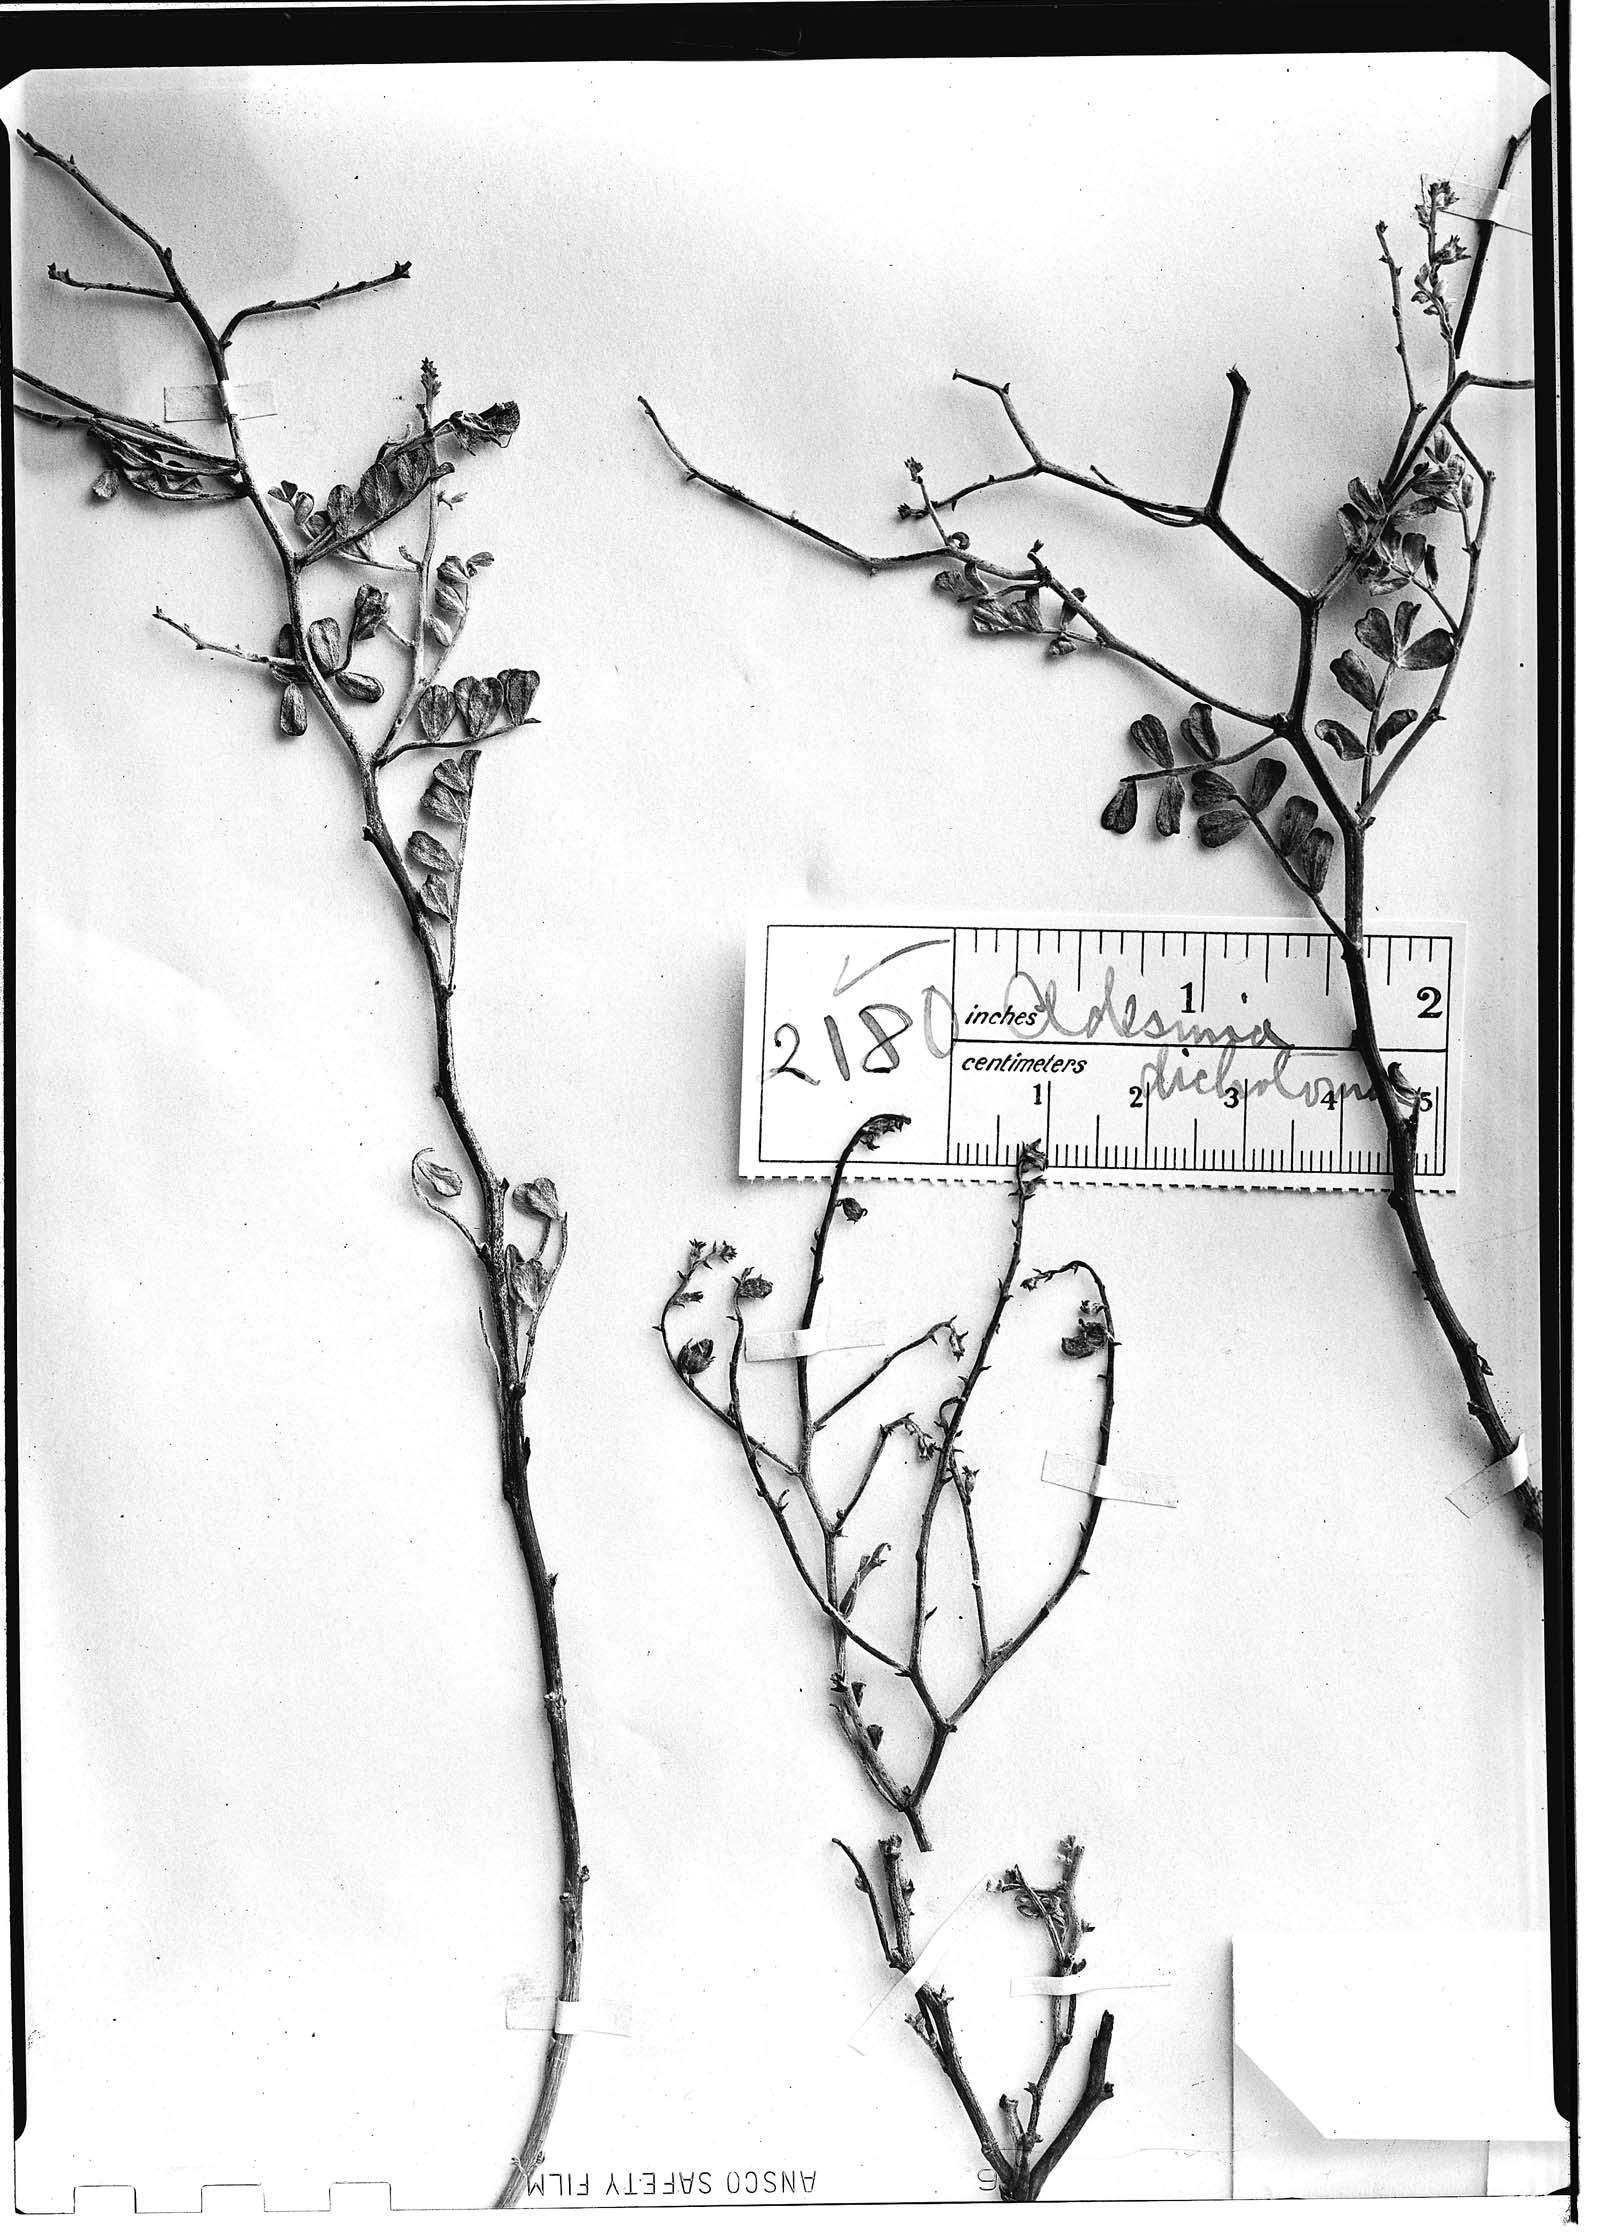 Adesmia dichotoma image